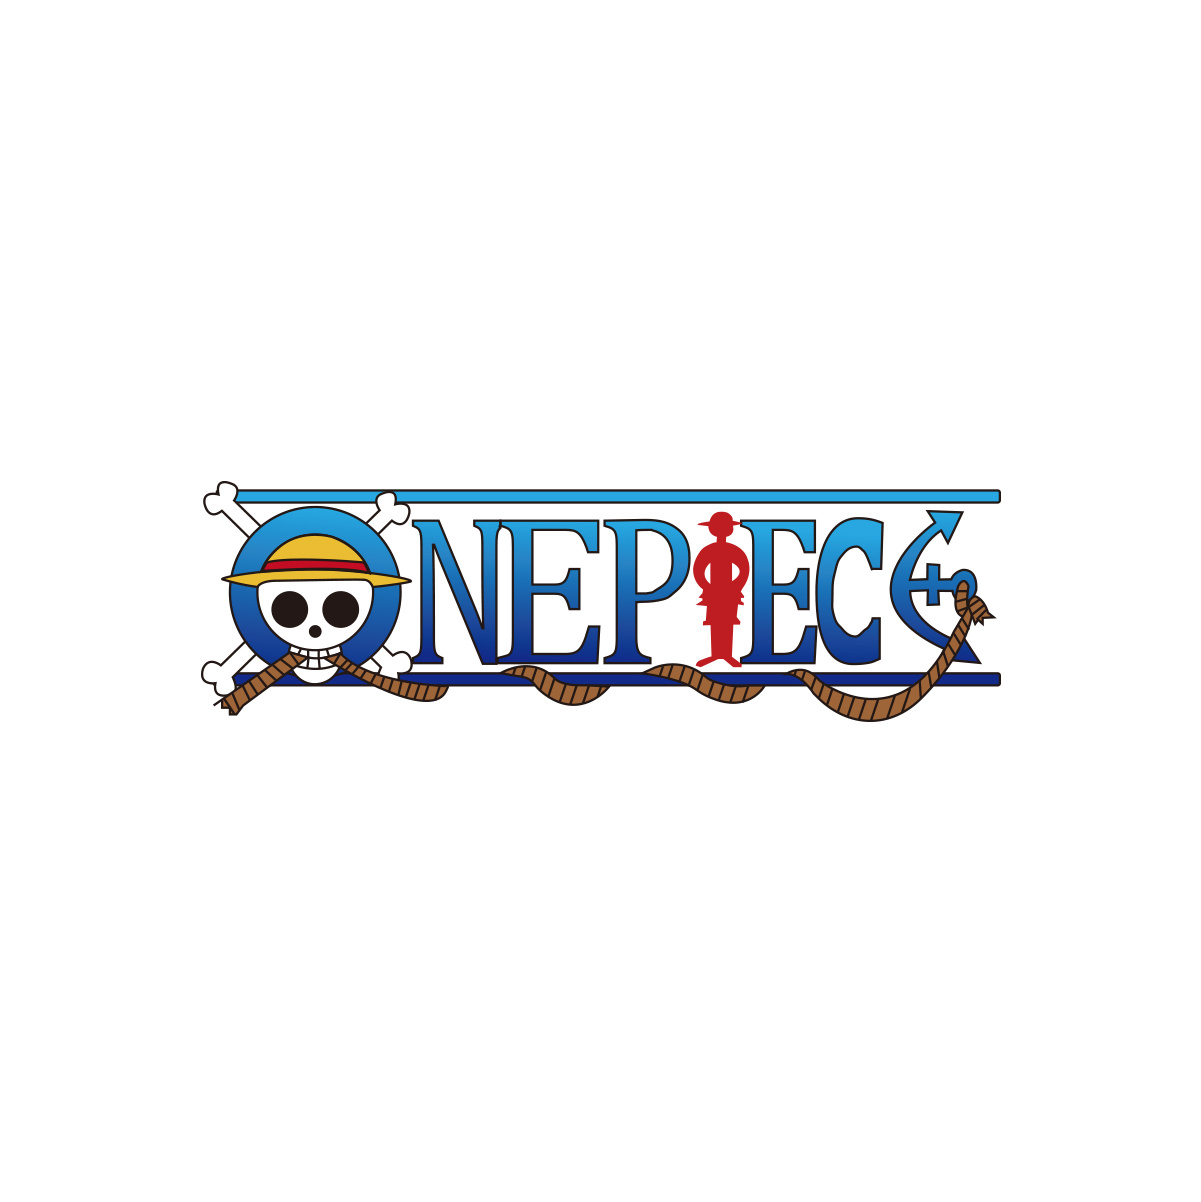 海贼王logo.jpg